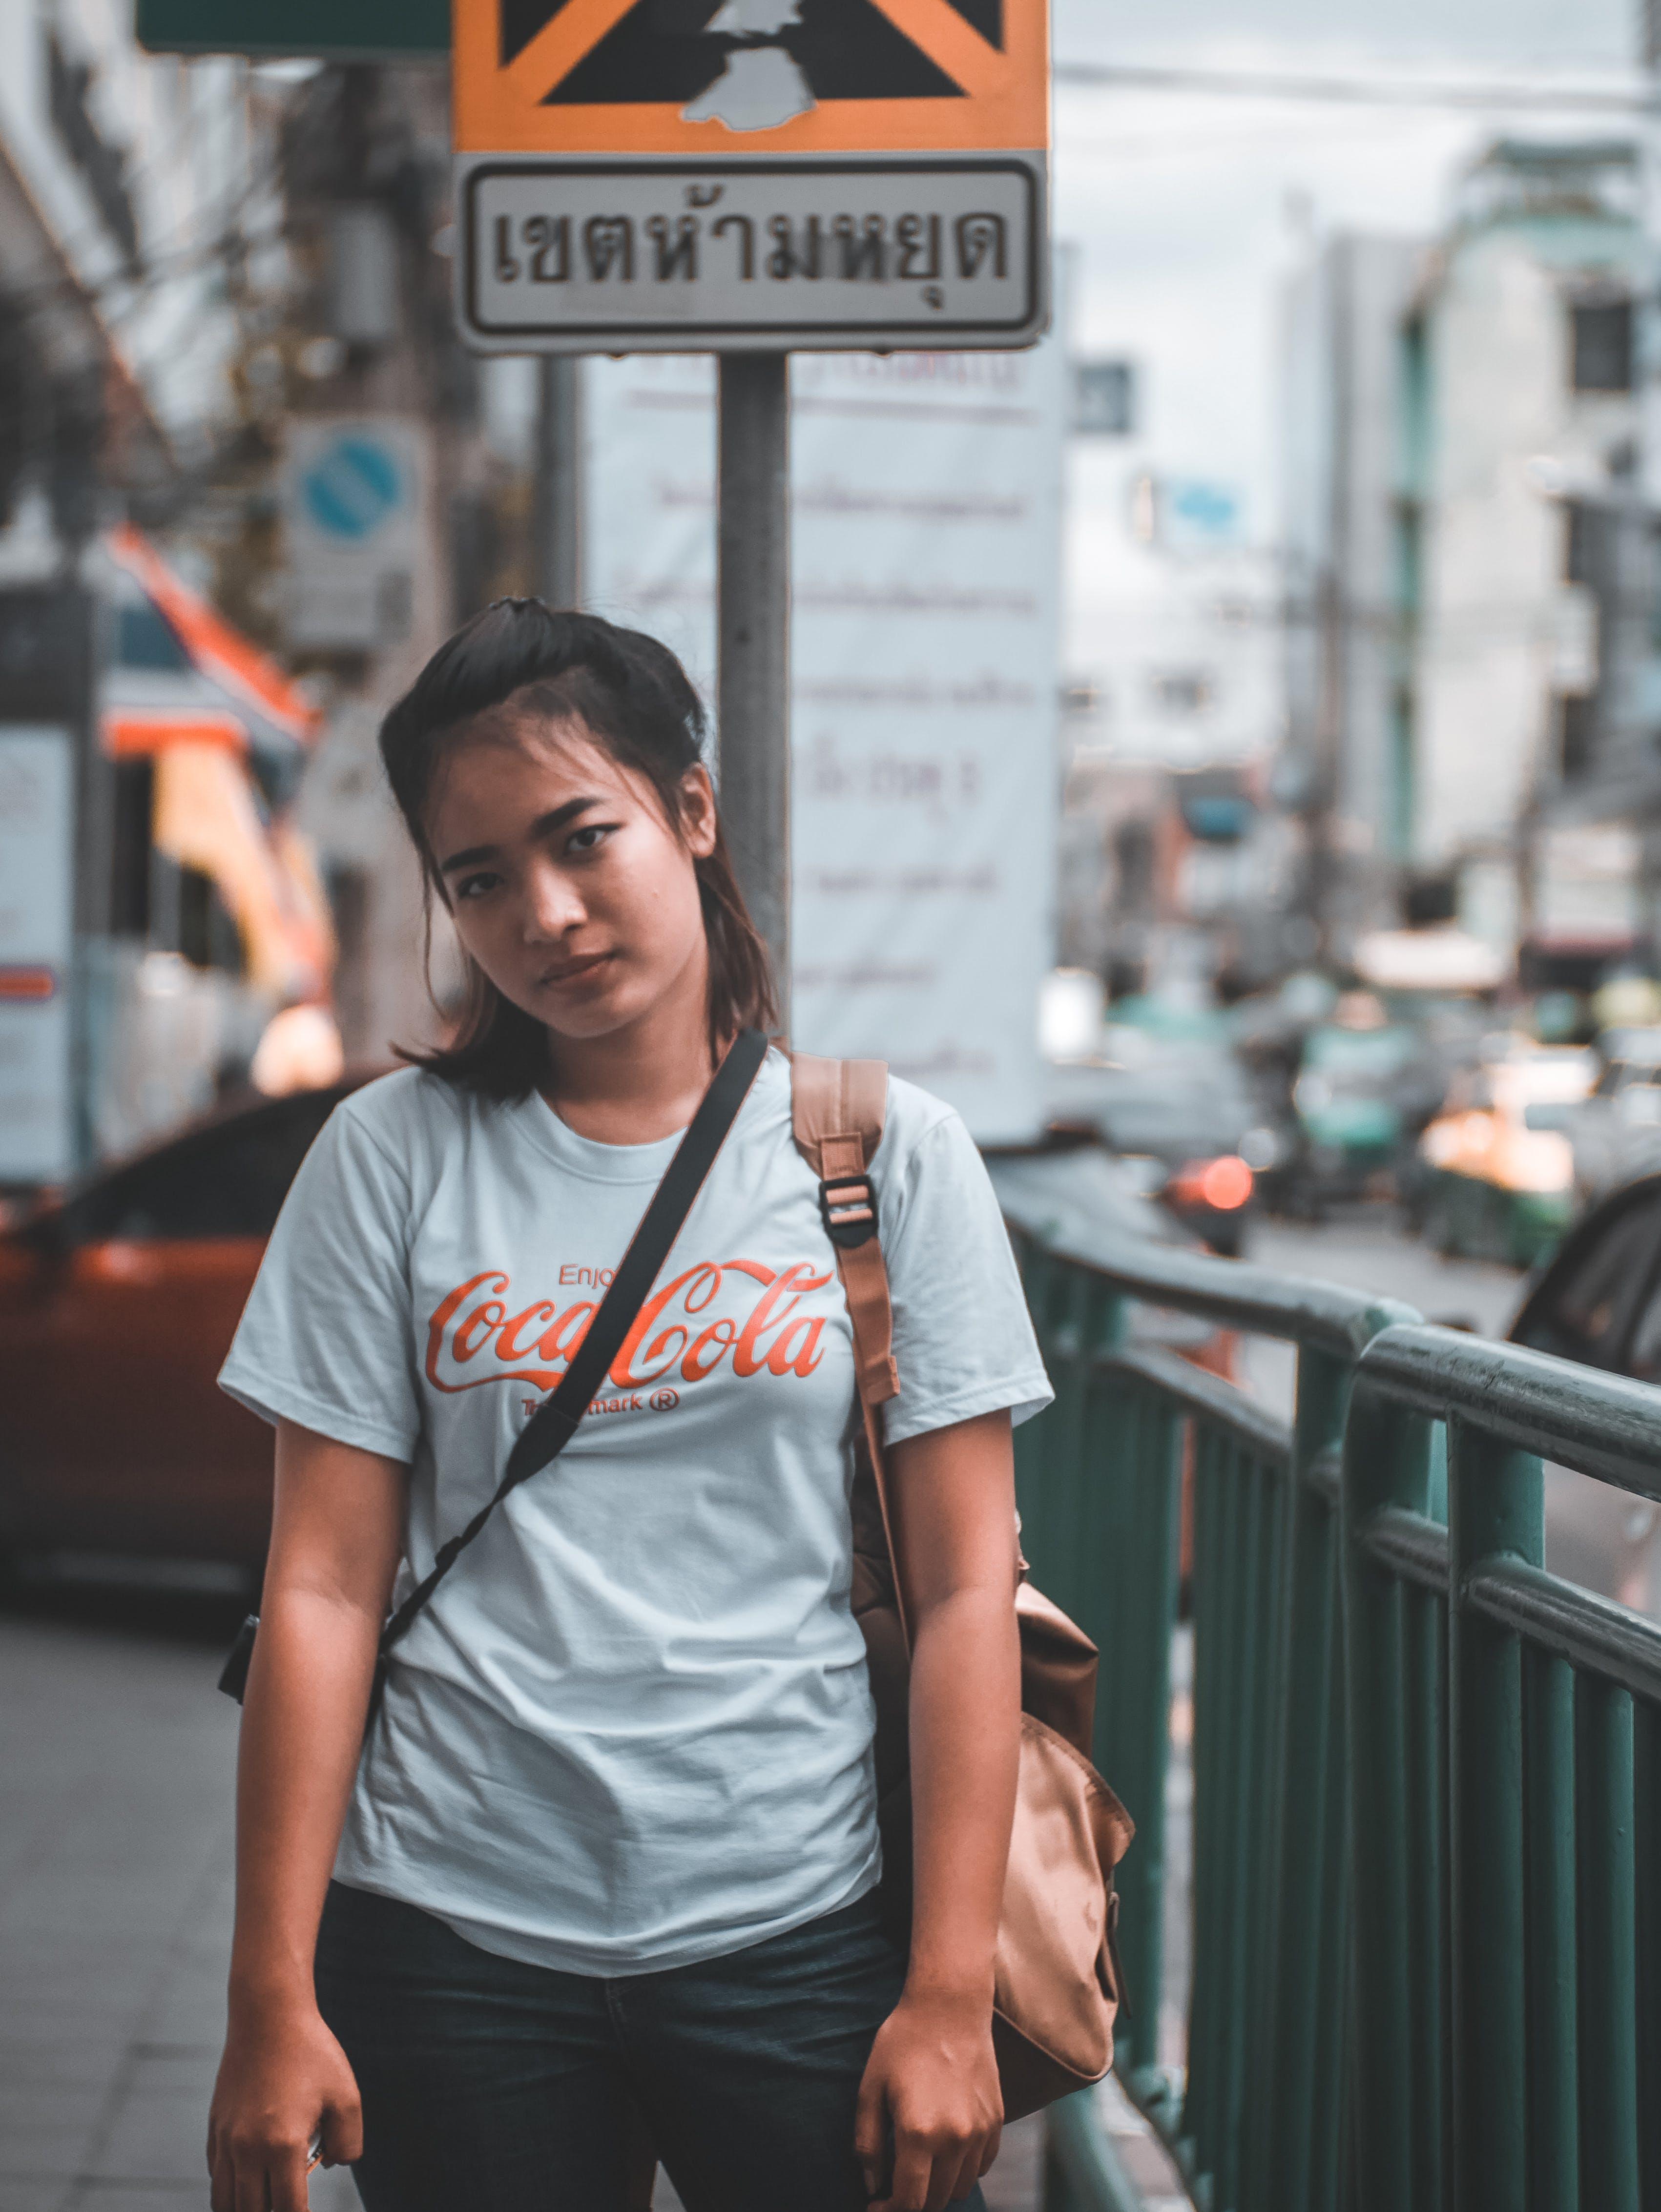 asiatische frau, asiatische person, autos